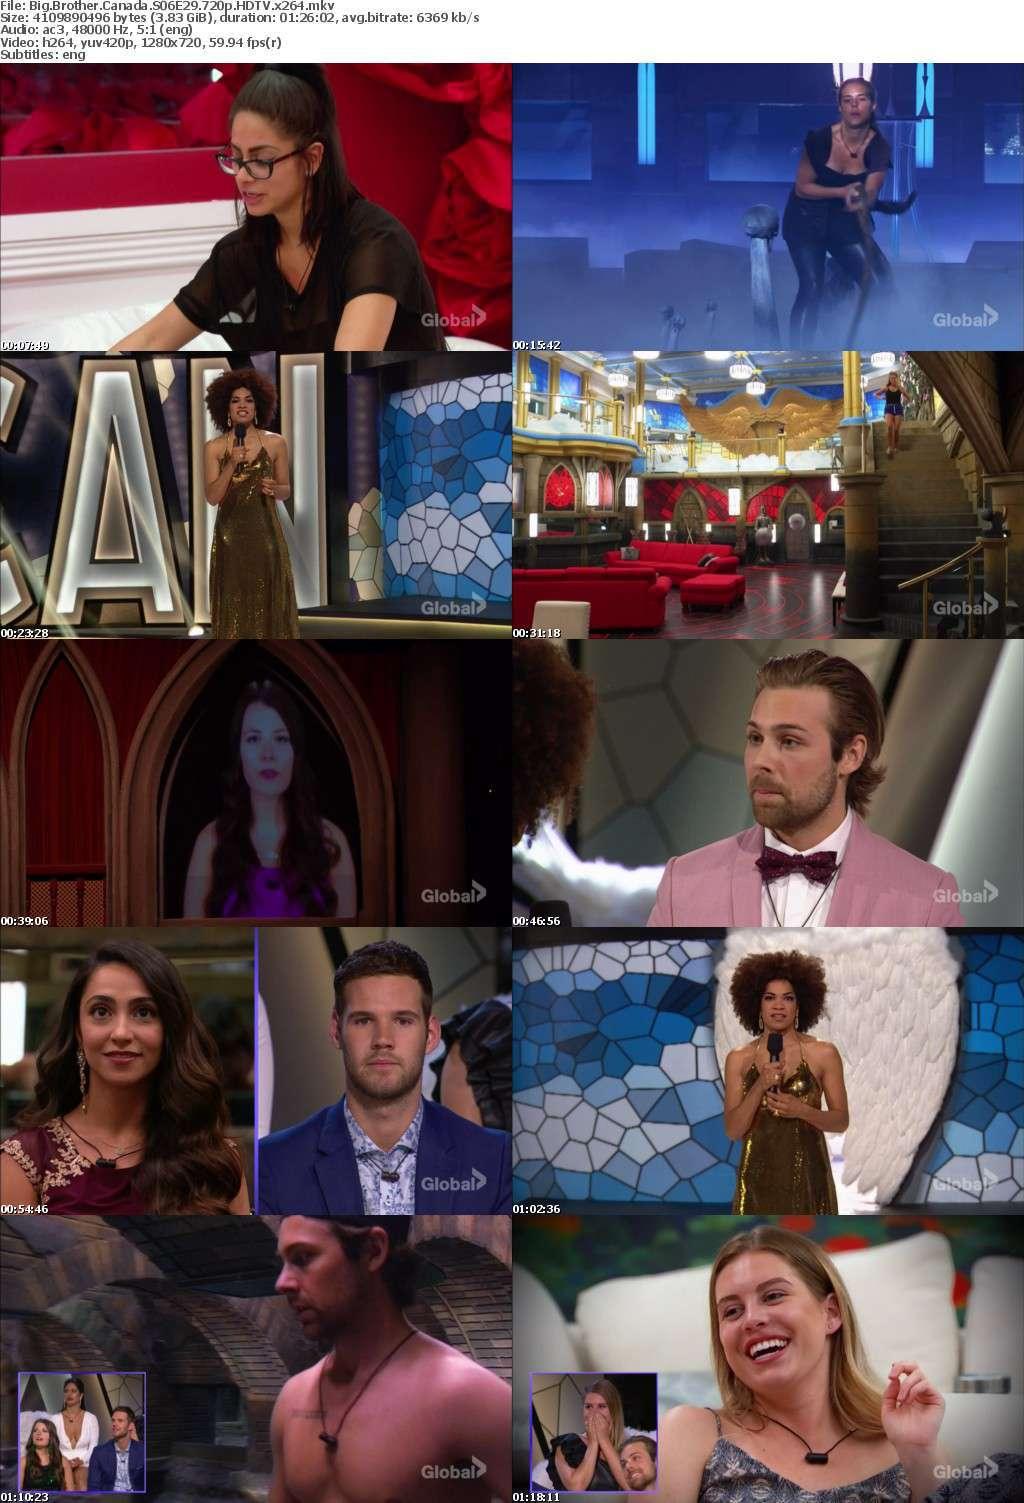 Big Brother Canada S06E29 720p HDTV x264